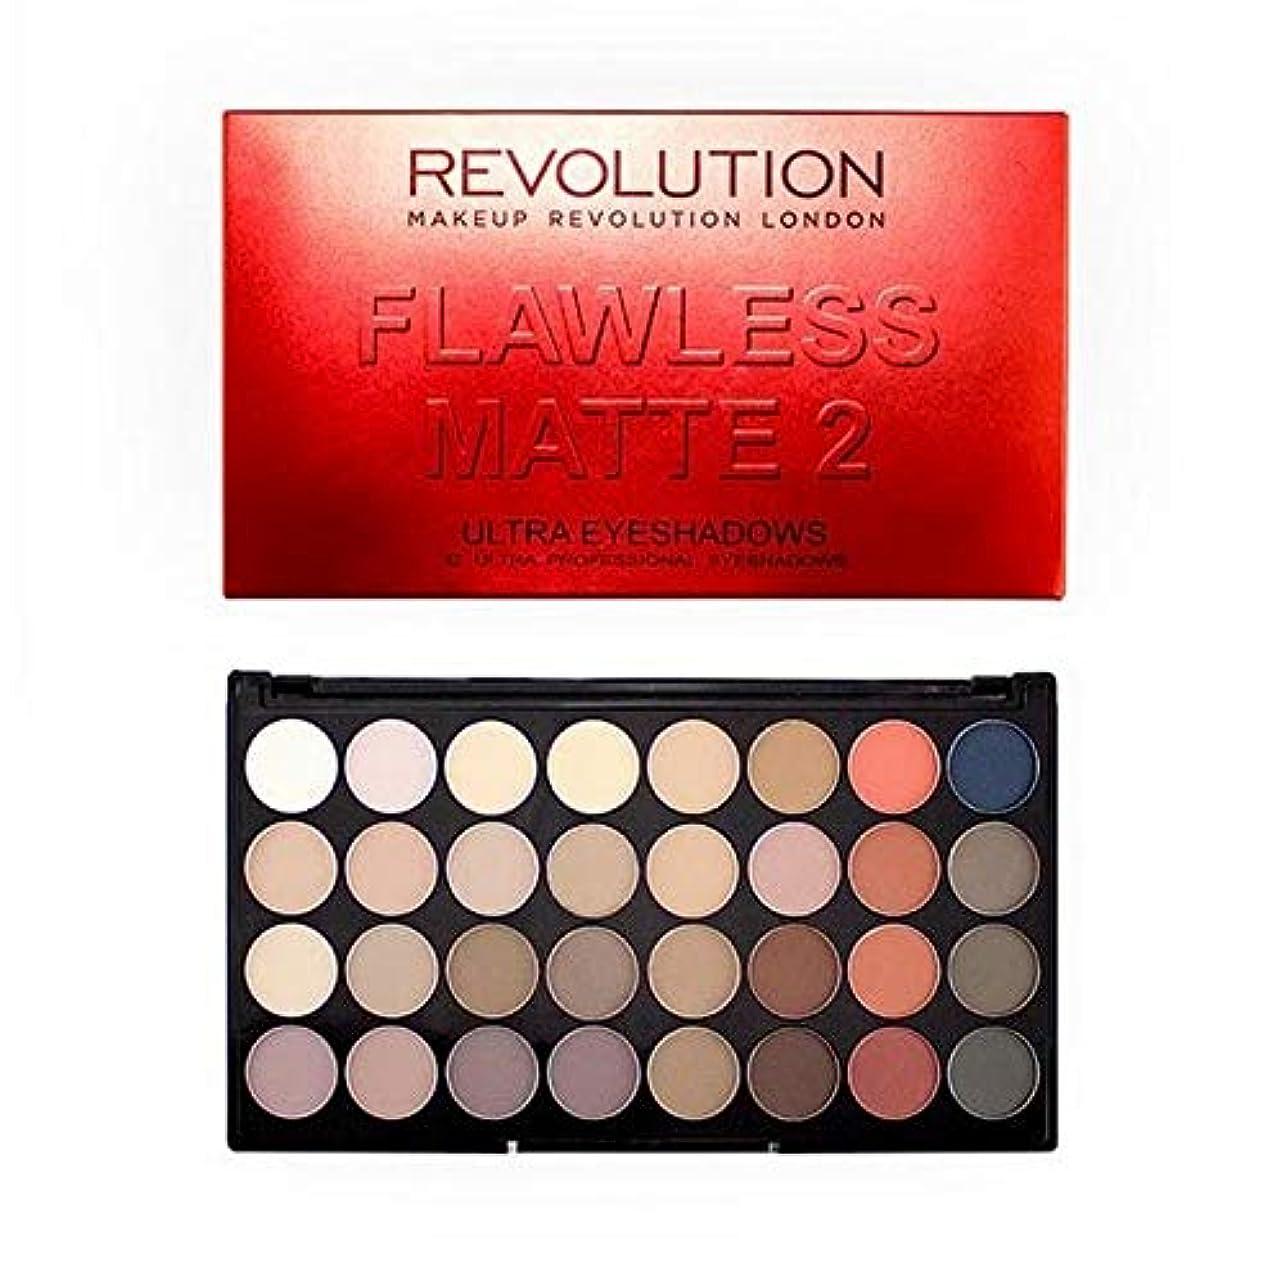 娘案件砲撃[Revolution ] 革命完璧なマット2アイシャドウパレット - Revolution Flawless Matte 2 Eye Shadow Palette [並行輸入品]